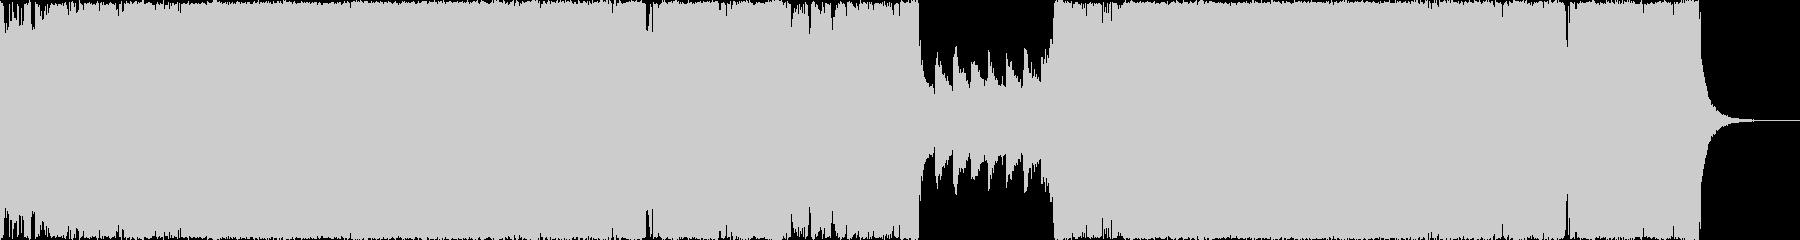 ヘビーメタルとダブステップの融合の未再生の波形